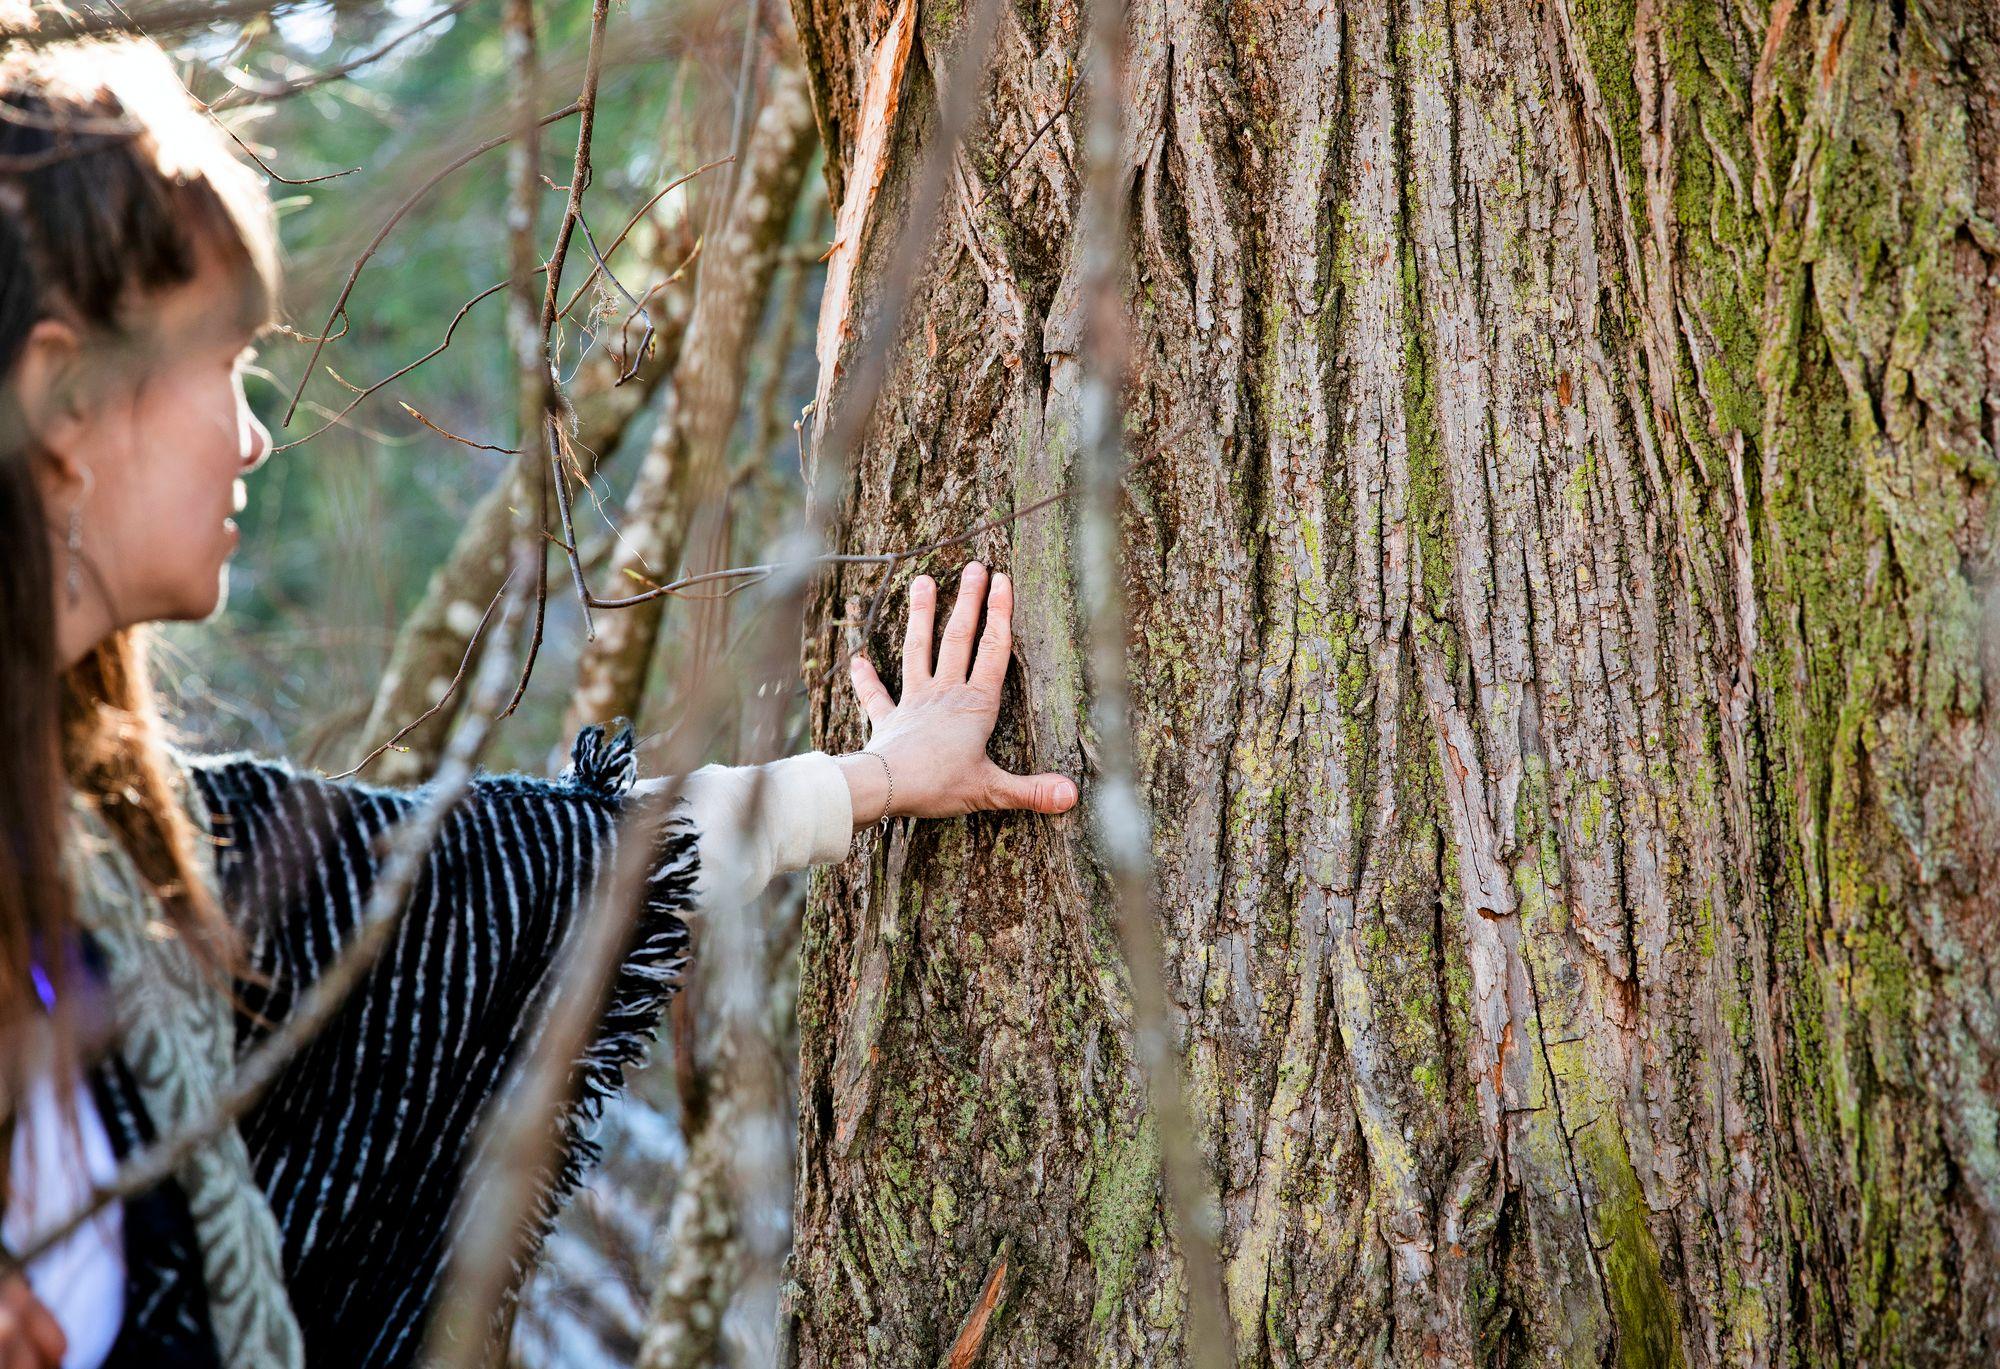 Helena Karhu kehottaa olemaan luonnossa aistit avoimena ja herkkinä. © Riikka Hurri